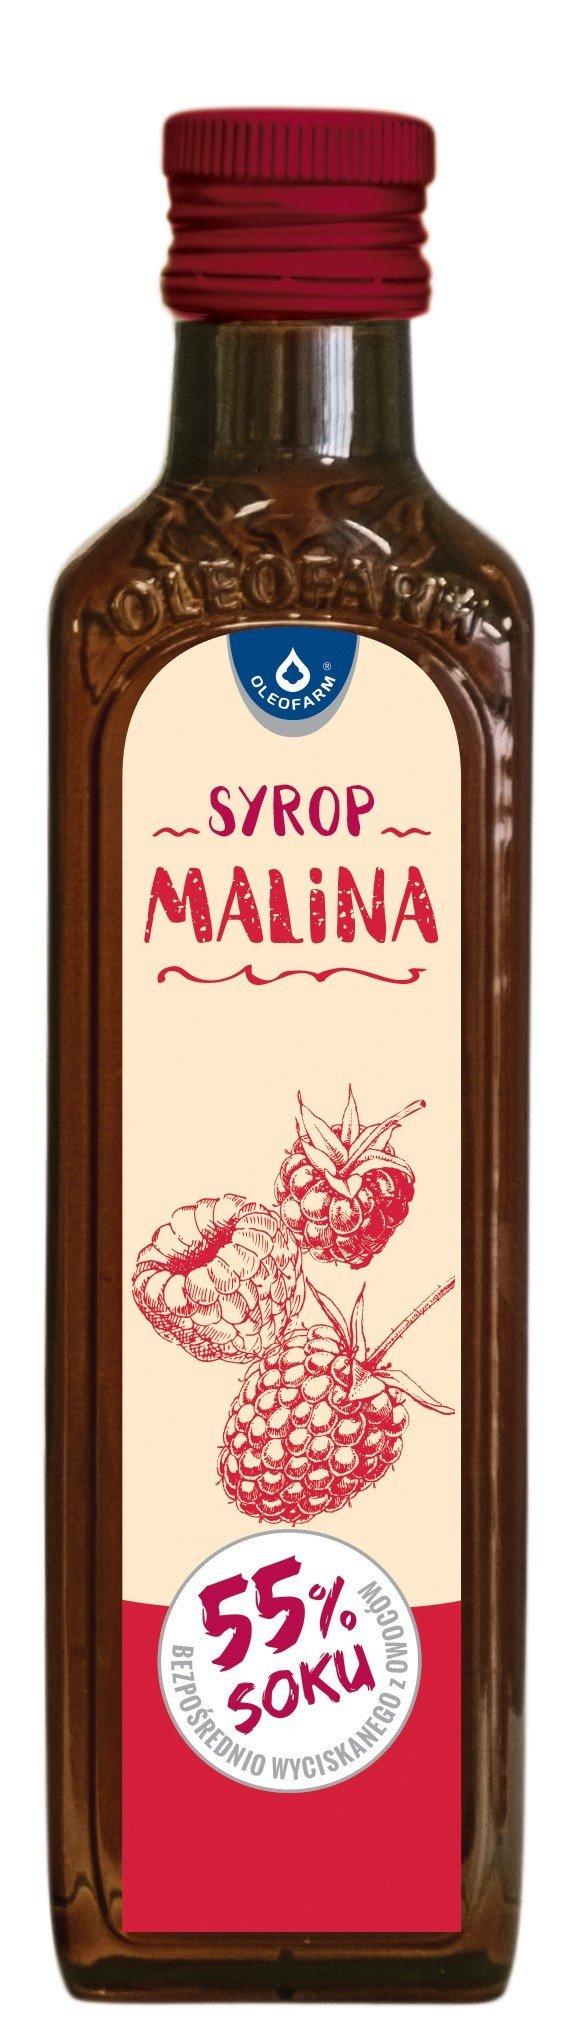 OLEOFARM, Syrop Malina (55% soku), 250ml.